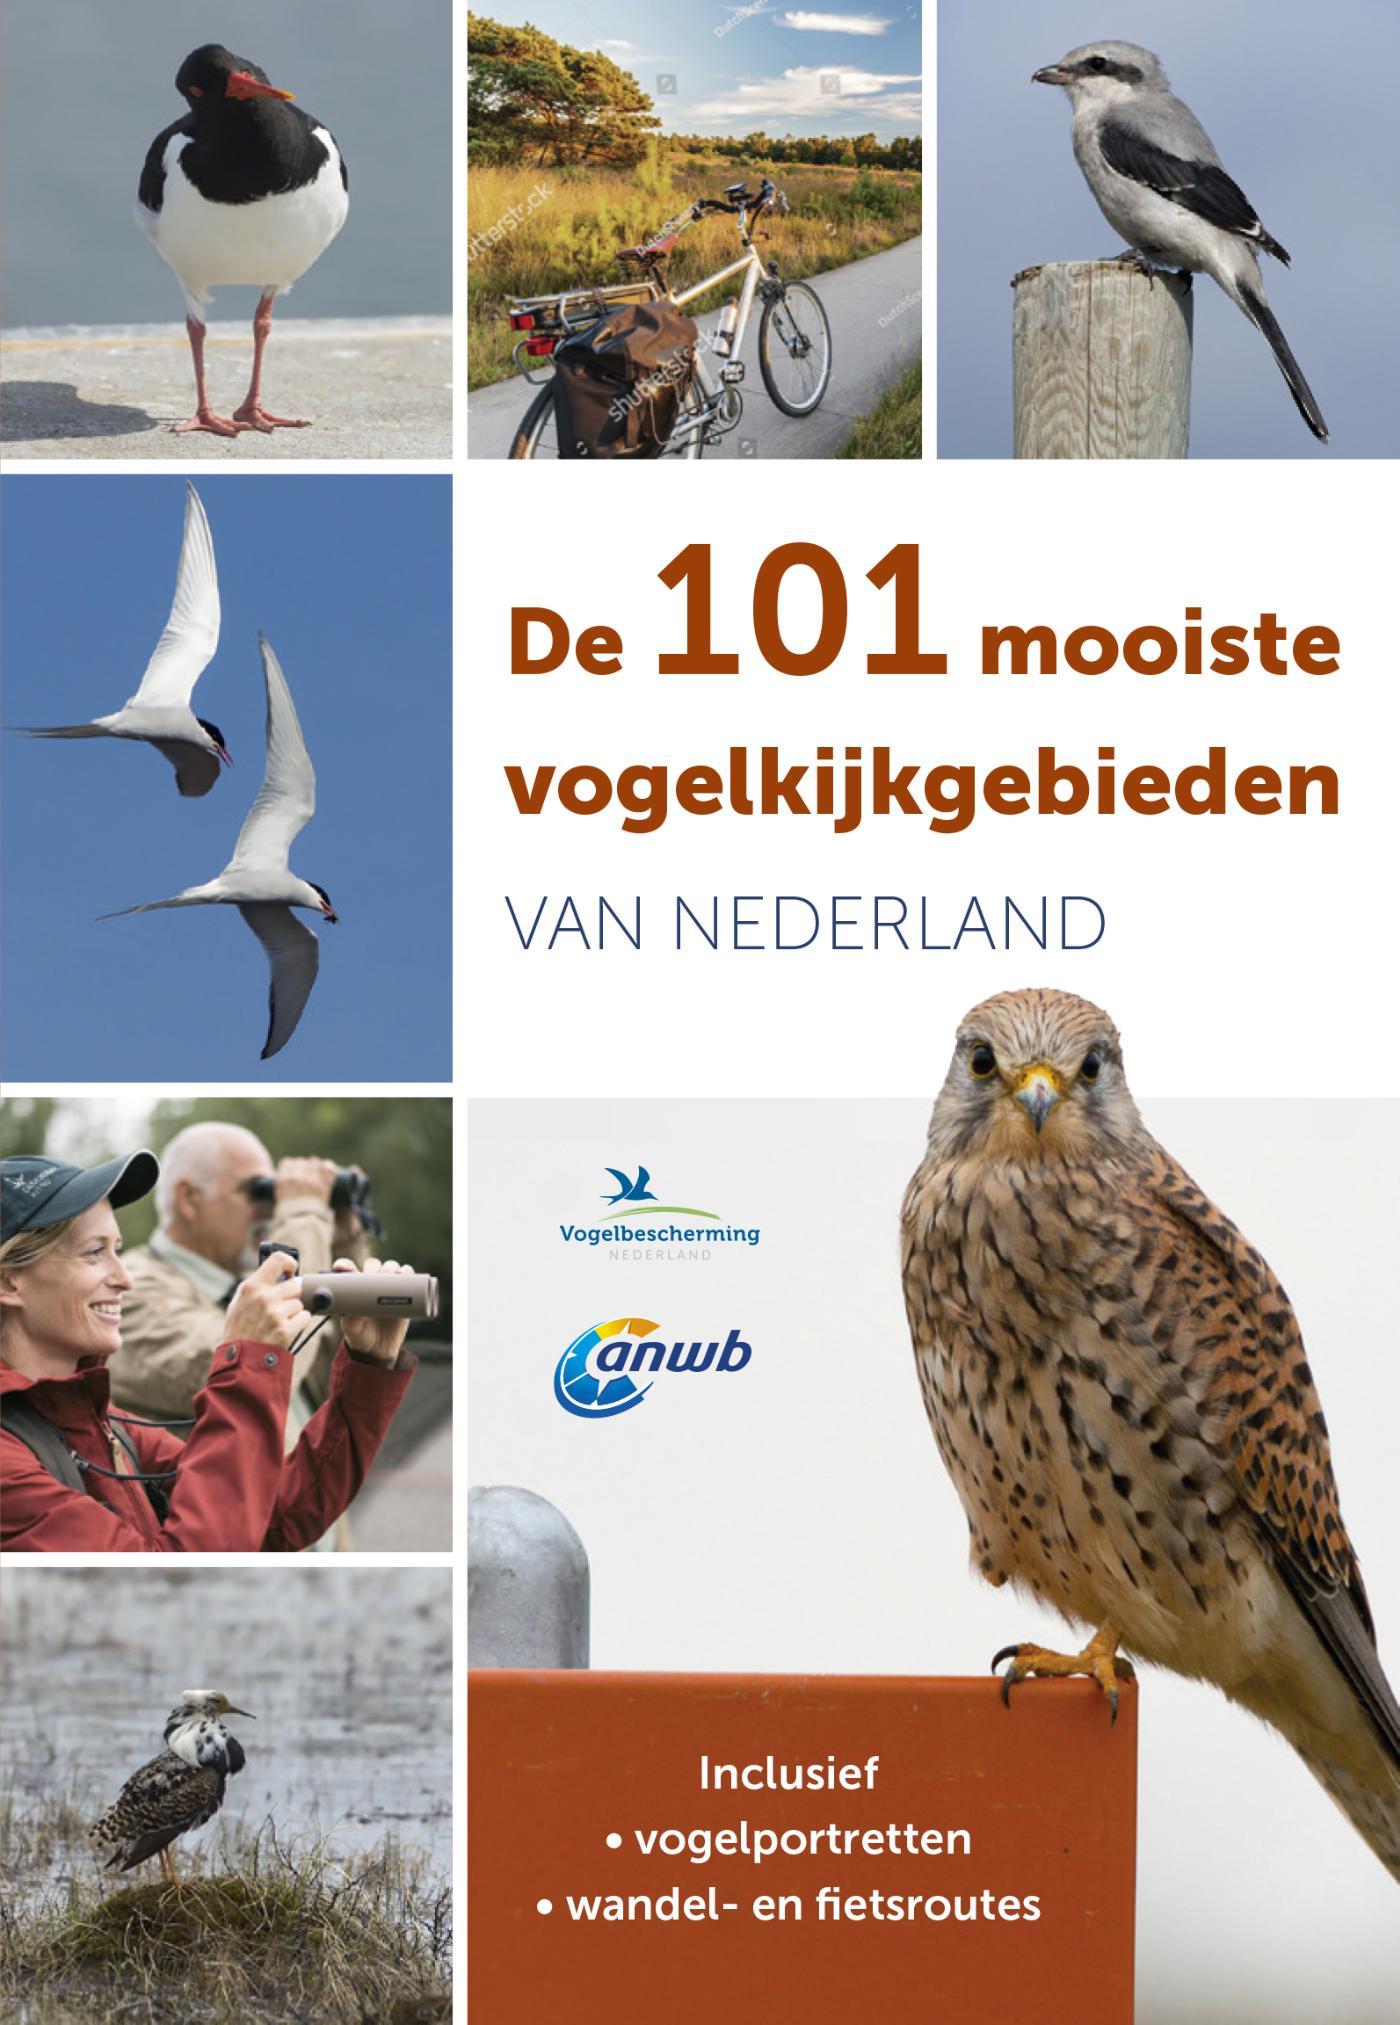 De 101 mooiste vogelkijkgebieden